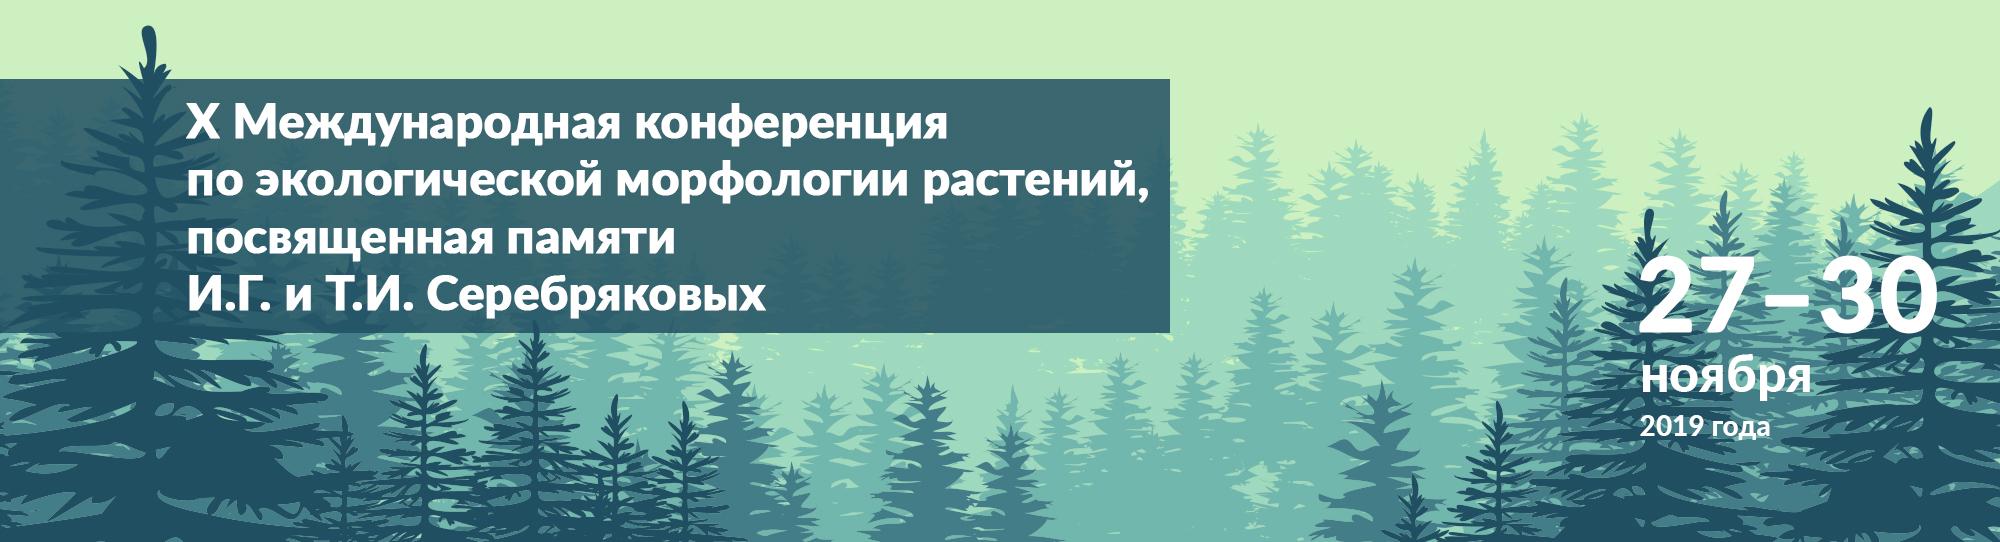 ban-konf-serebryakov